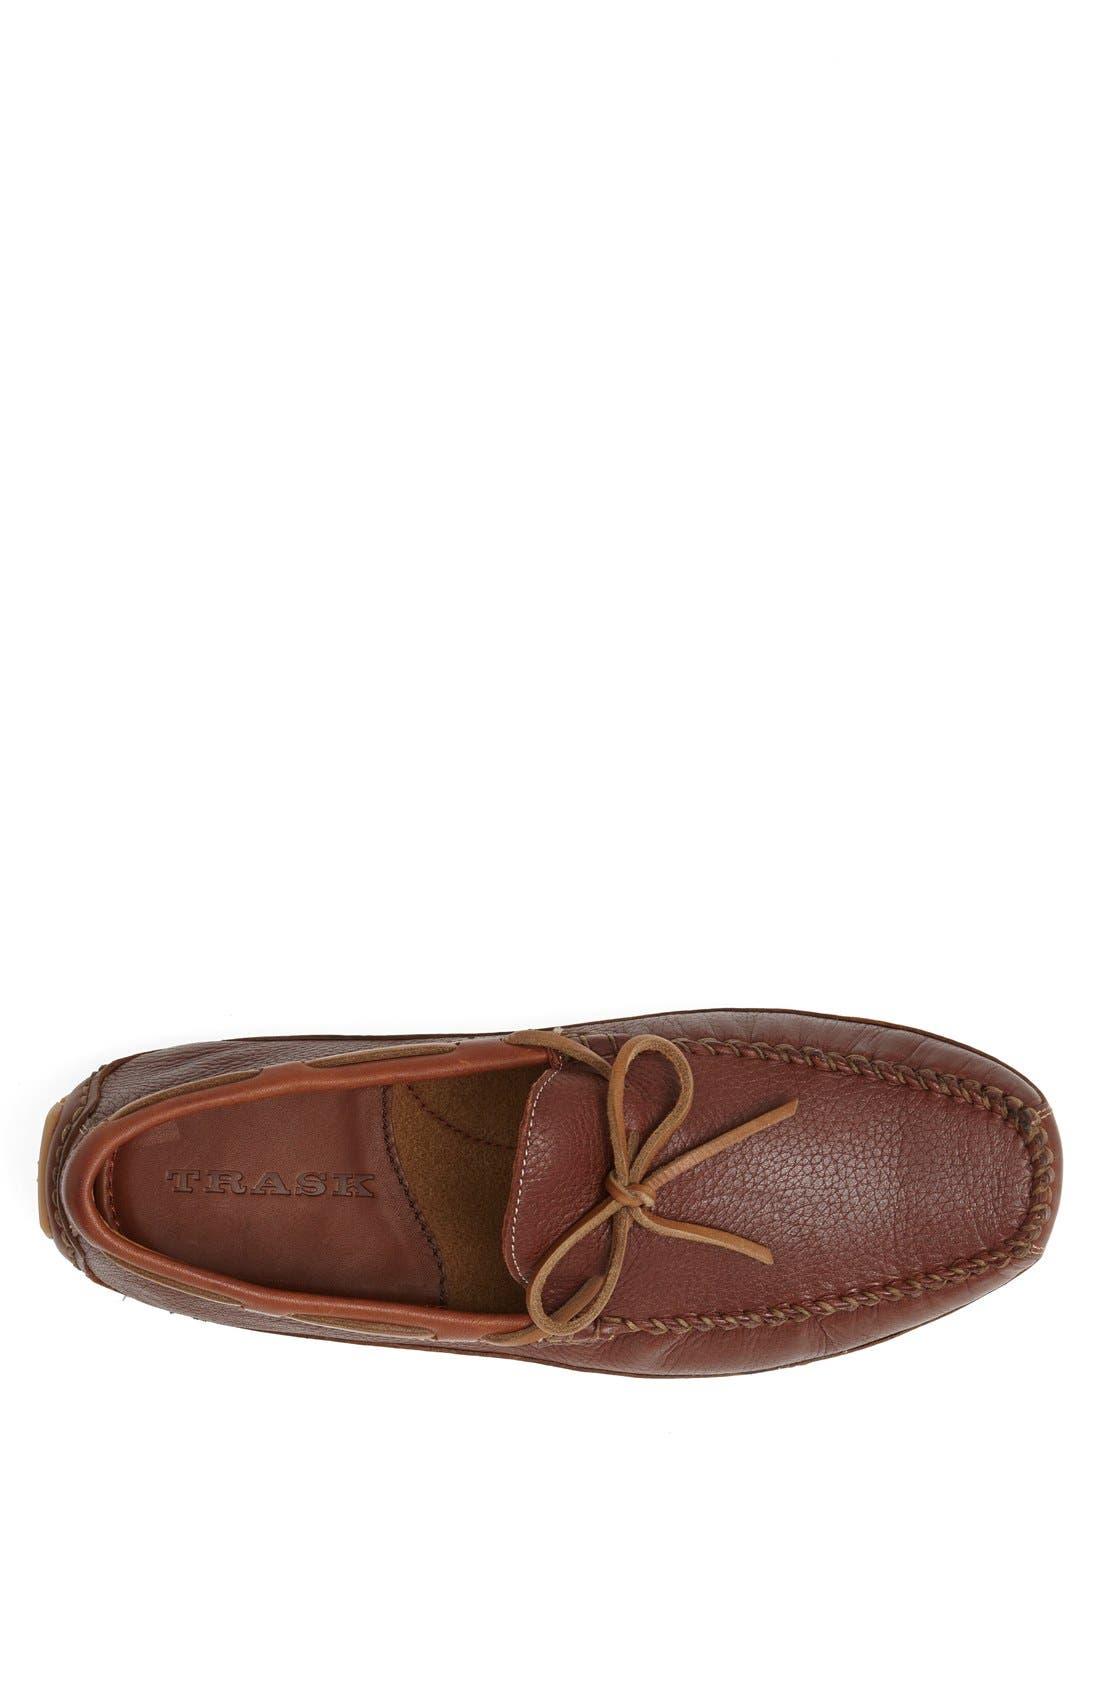 'Drake' Leather Driving Shoe,                             Alternate thumbnail 50, color,